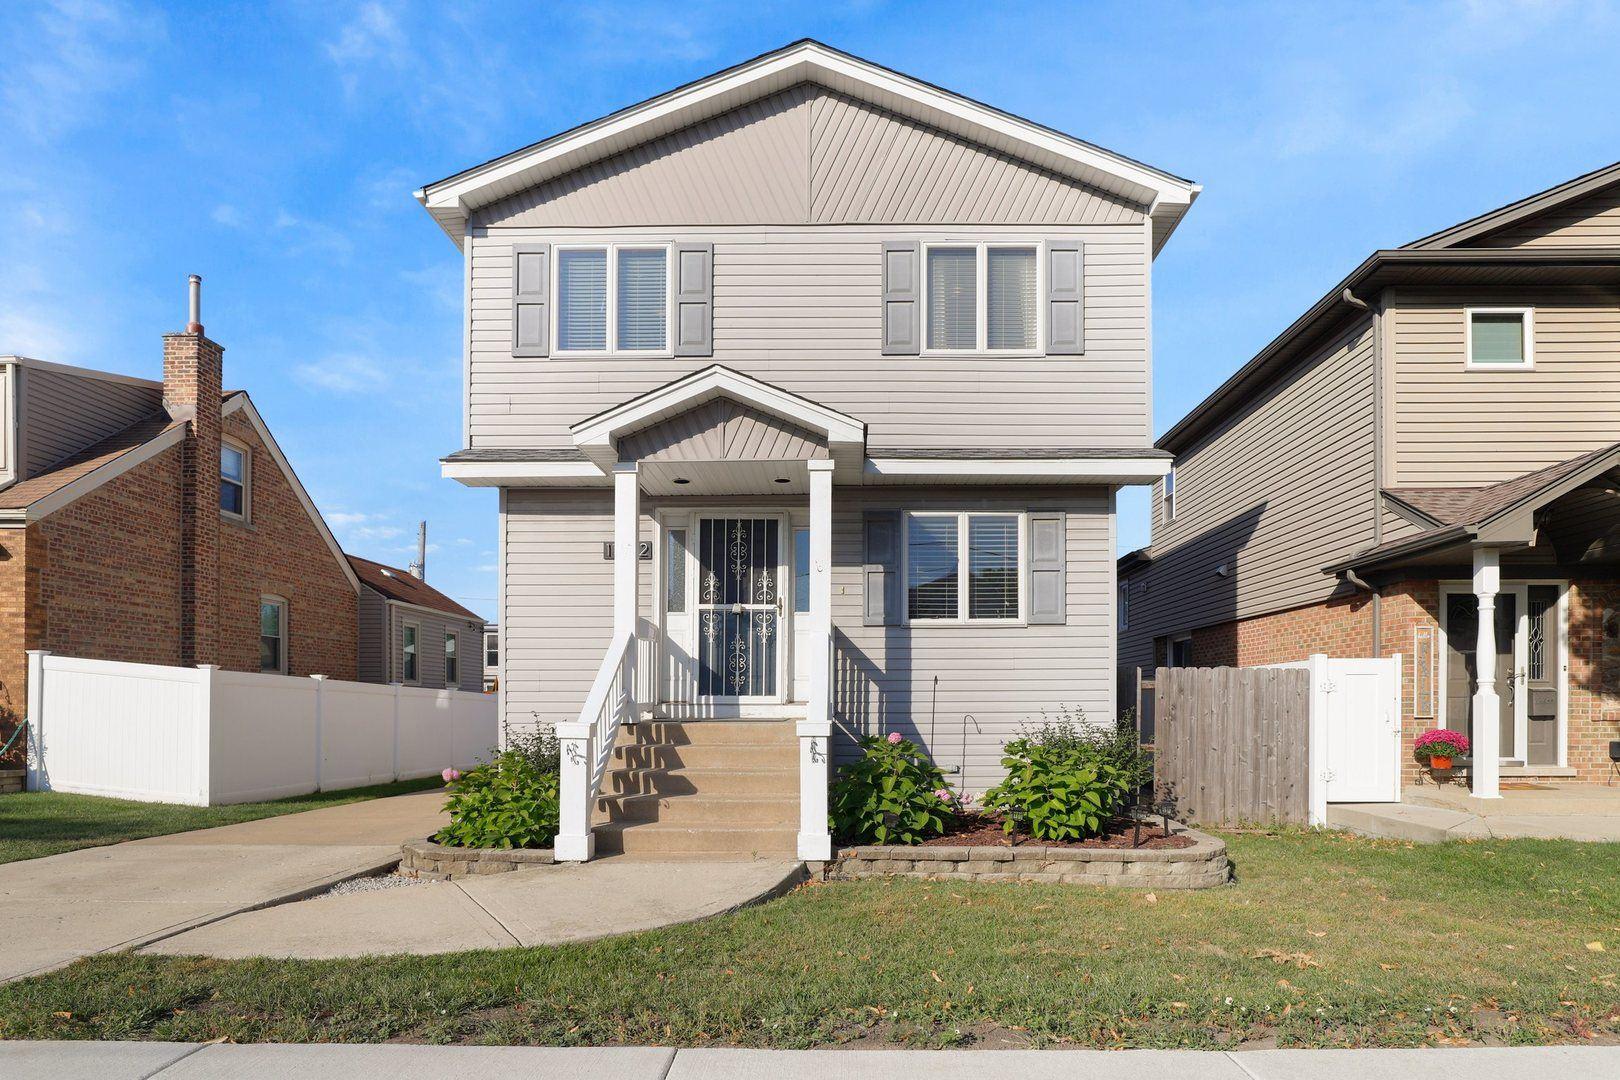 11252 S Saint Louis Avenue, Chicago, IL 60655 - MLS#: 11247079